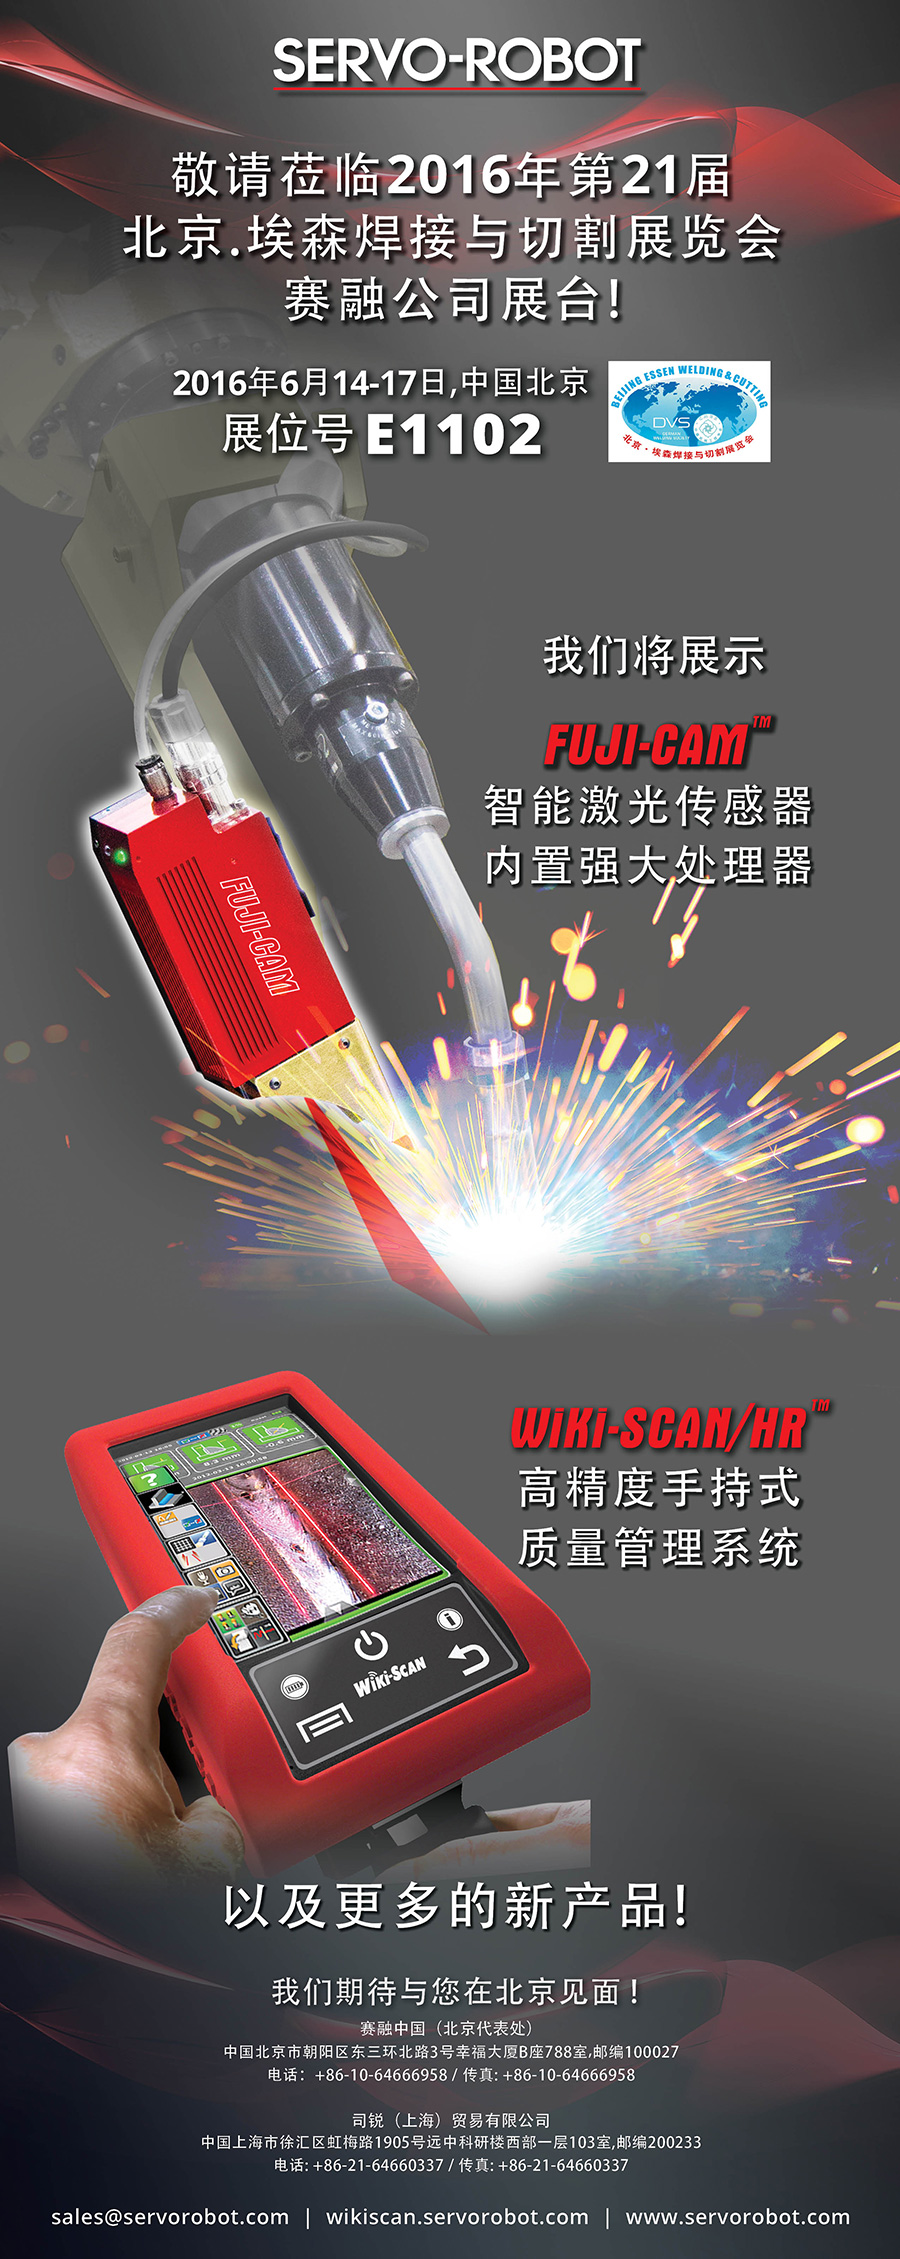 SERVO-ROBOT Newsletter: SERVO-ROBOT at the Beijing ESSEN Welding & Cutting Fair 2016 show in China!